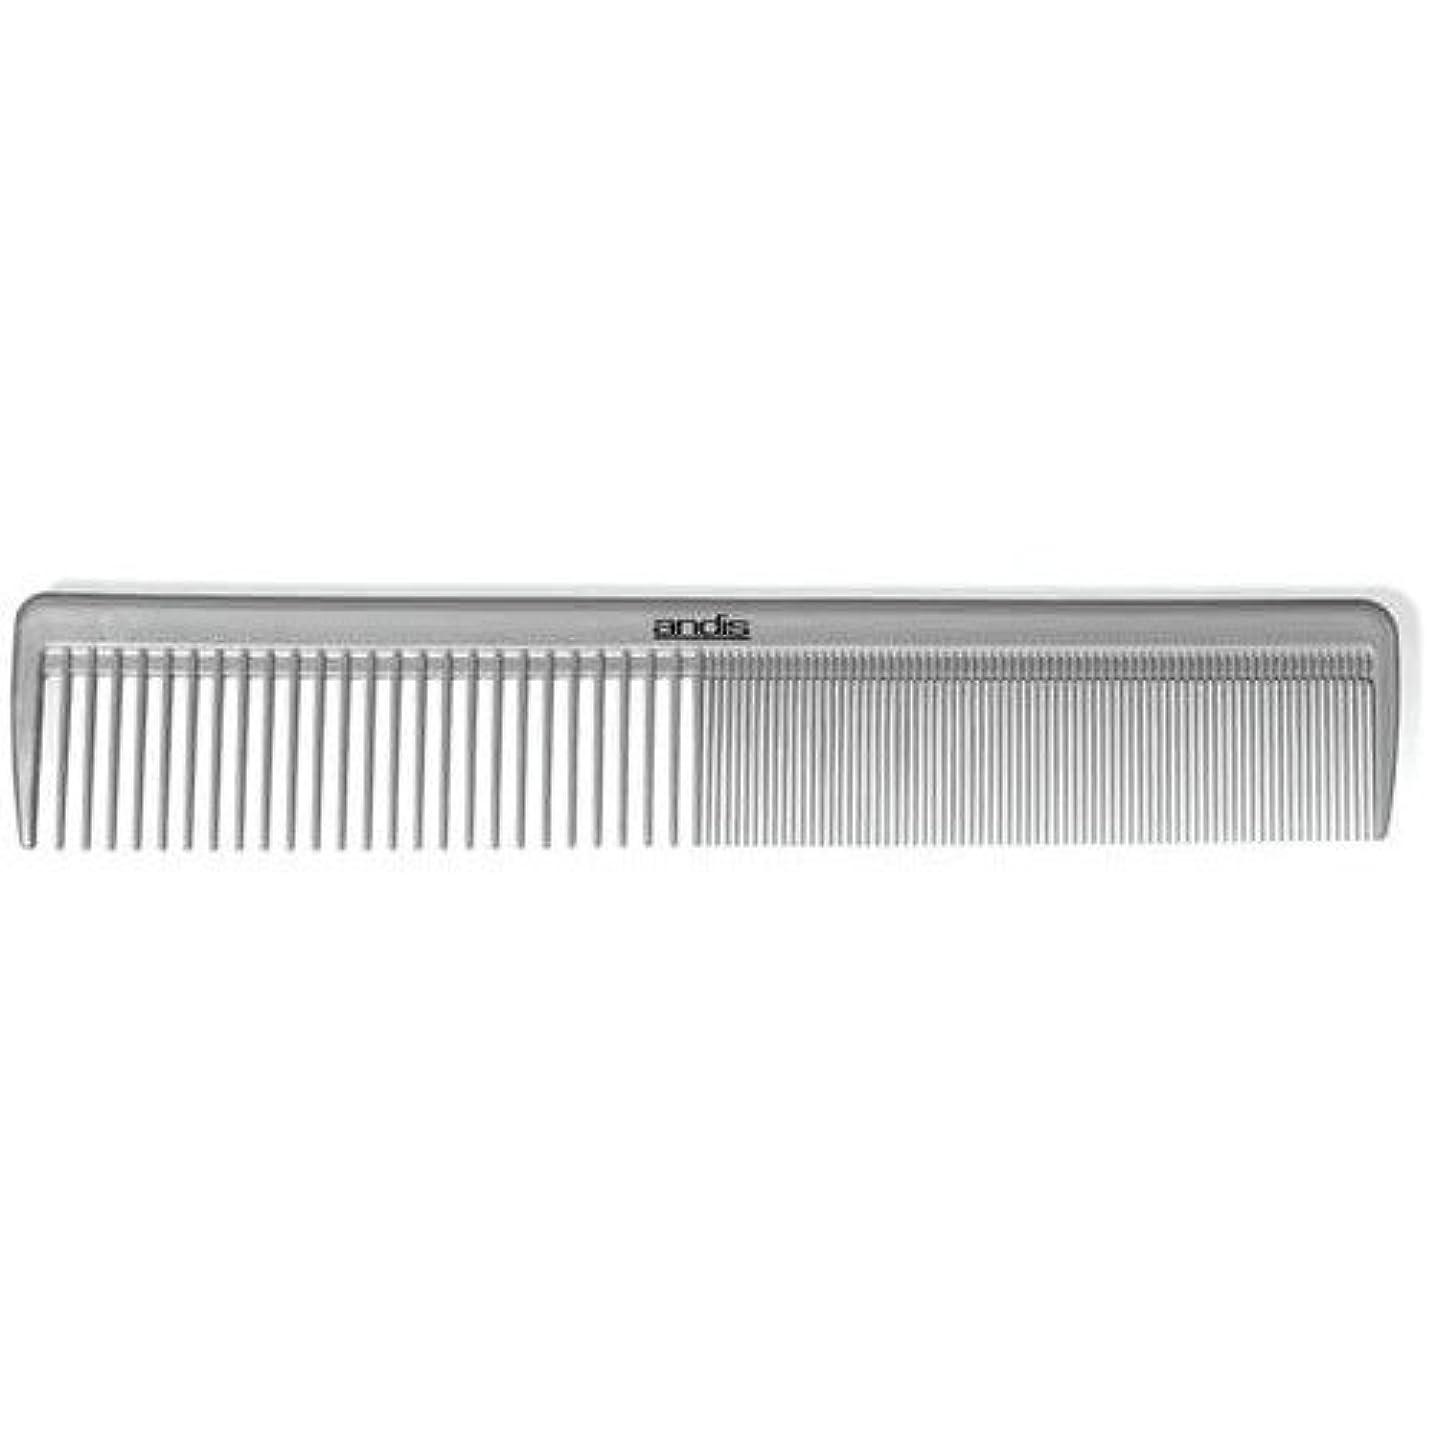 時計回りストレージ適応するAndis Grey 12410 Cutting Comb [並行輸入品]